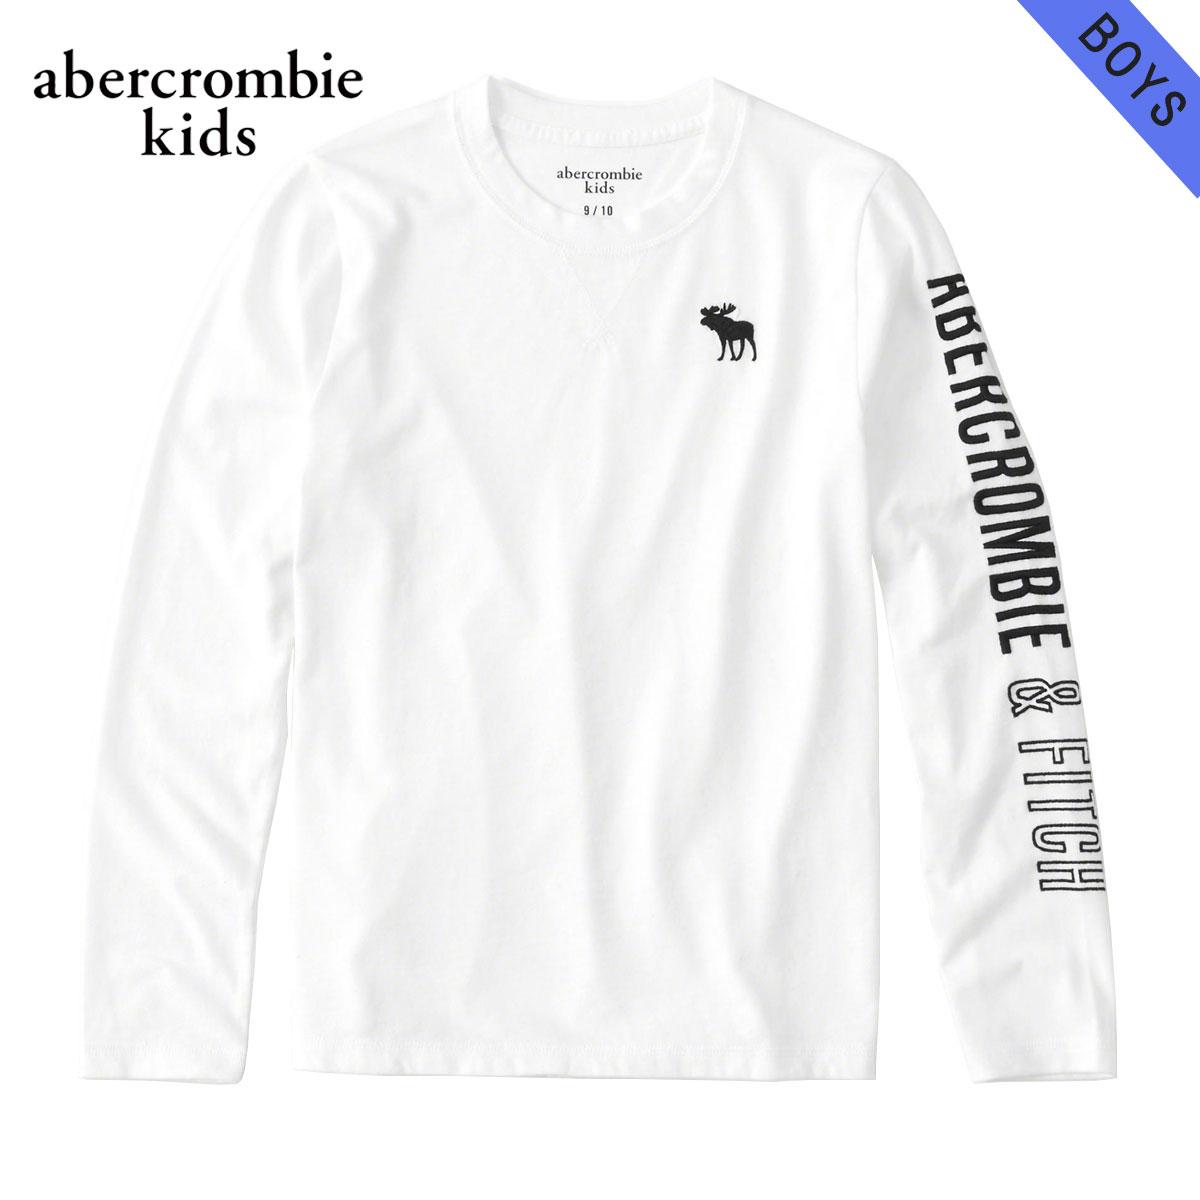 アバクロキッズ AbercrombieKids 正規品 子供服 ボーイズ クルーネック長袖Tシャツ logo graphic tee 223-616-0093-001